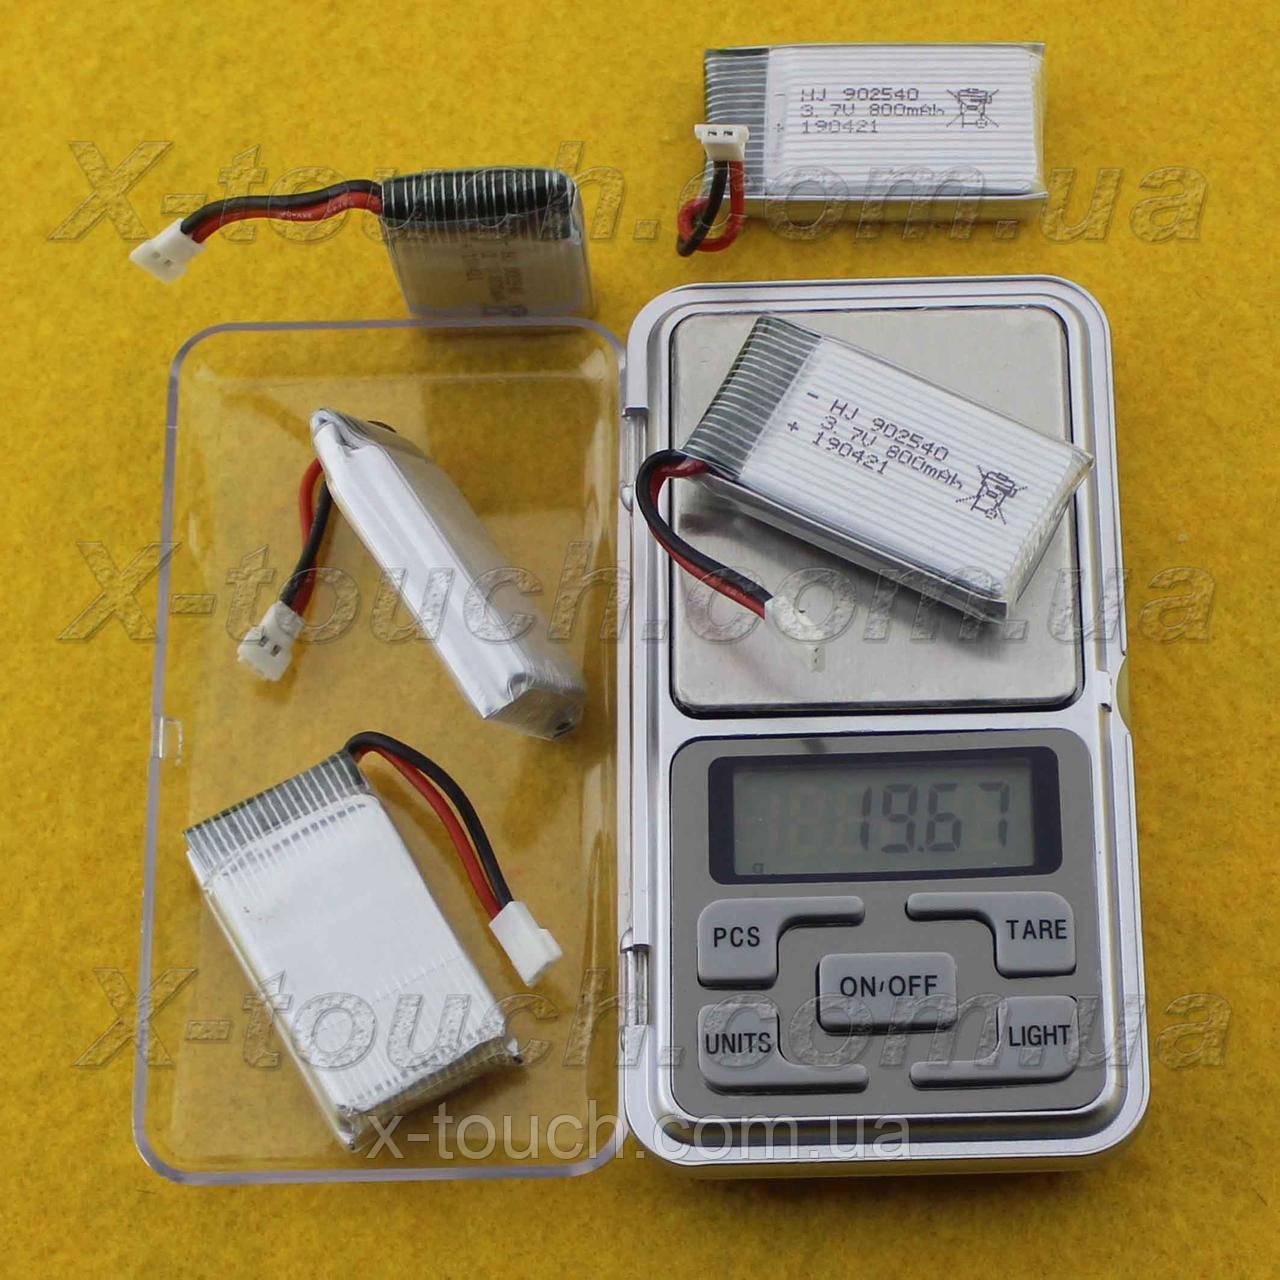 Акумулятор 902540 для квадрокоптера MJX X705C і керованих моделей